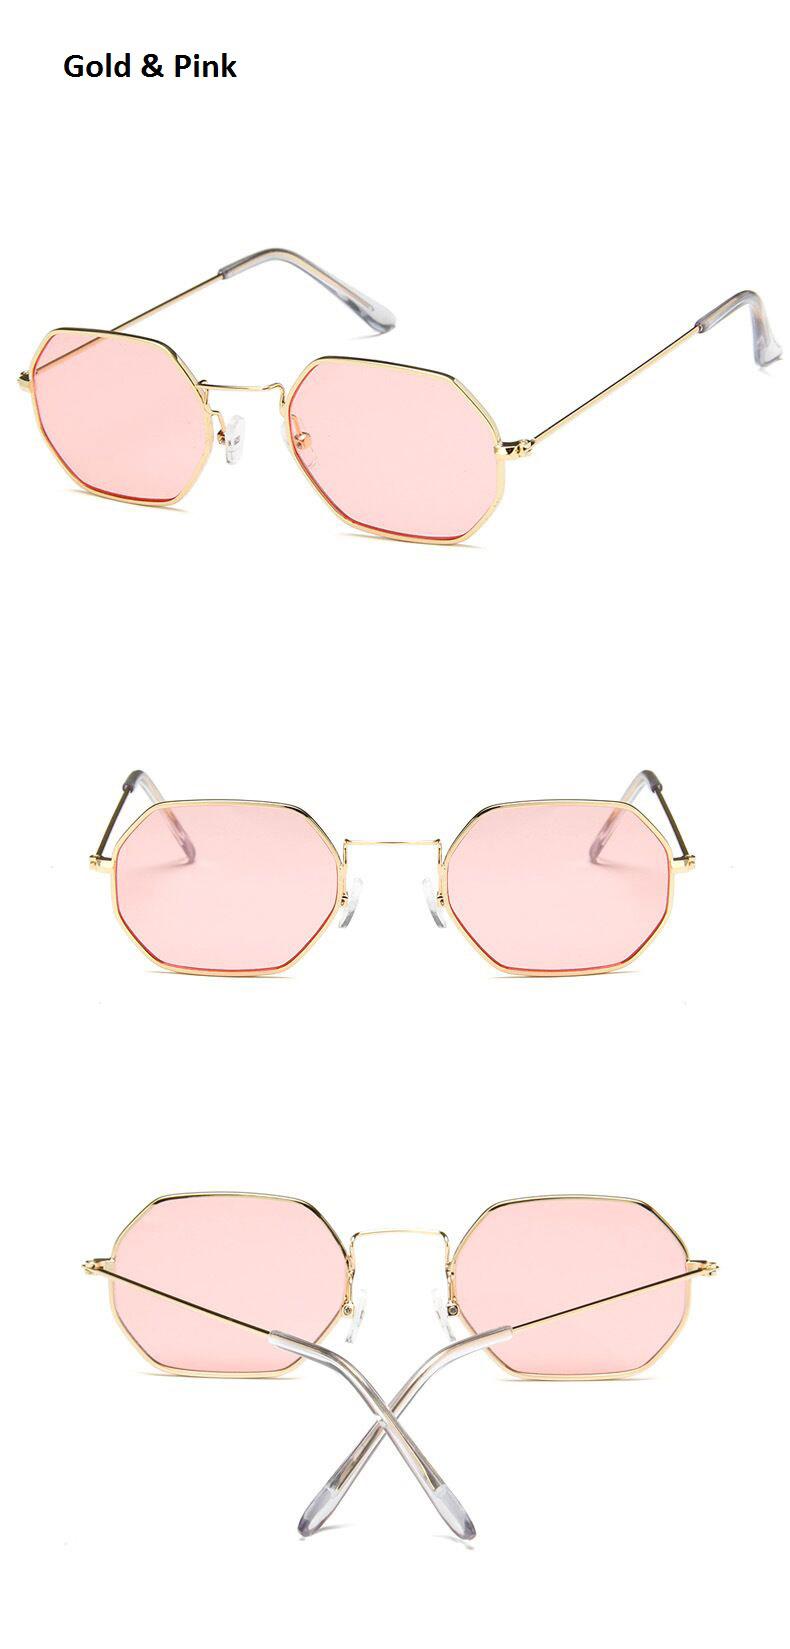 HTB1fBd2SpXXXXaKXXXXq6xXFXXXD - ZBHwish 2017 Square Sunglasses Women men Retro Fashion Rose Gold Sun glasses Brand  Transparent  glasses ladies Sunglasses Women